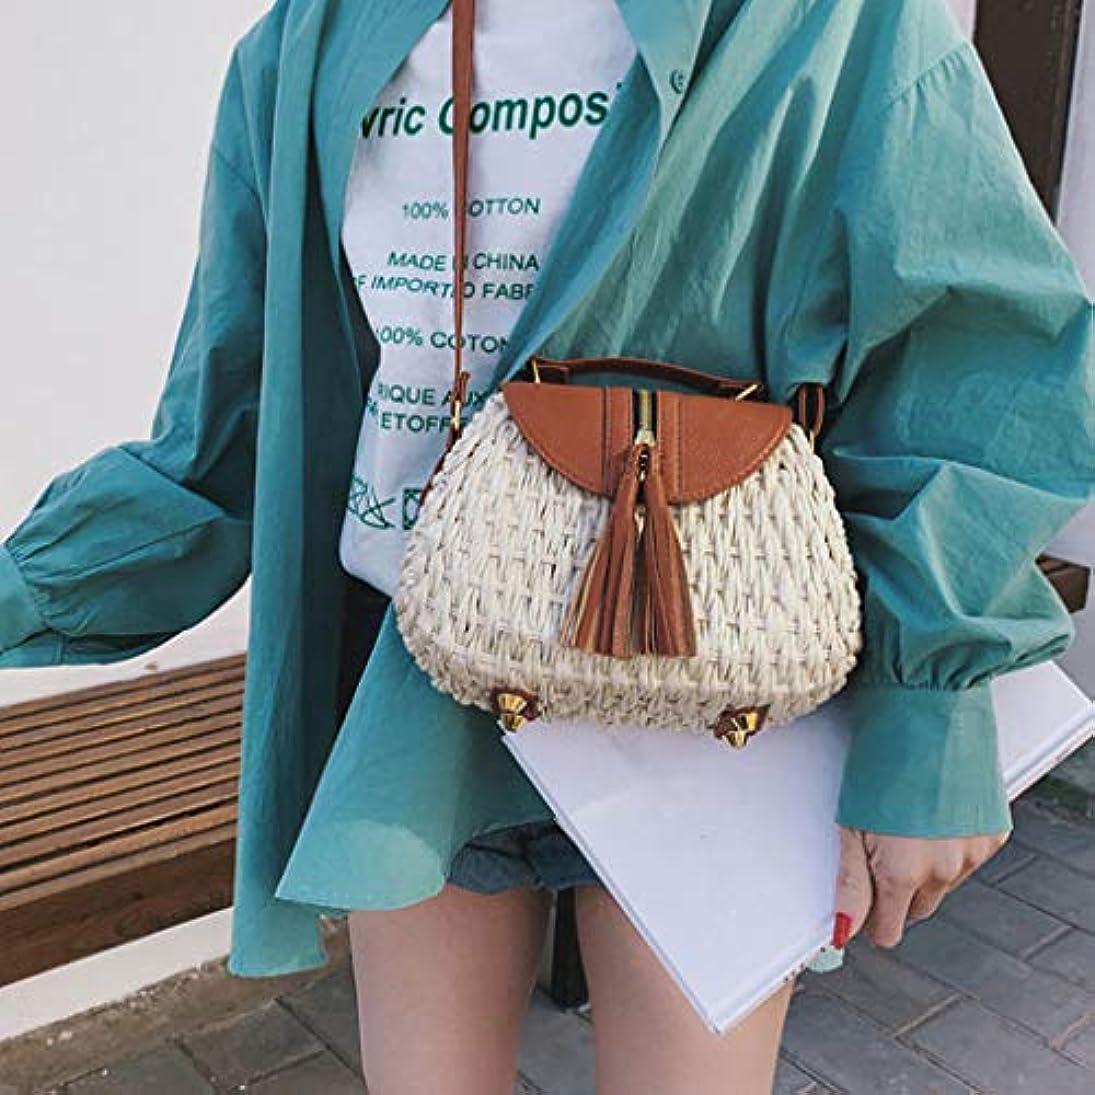 適性説教する衣類女性の流行のタッセルはショルダー?バッグ、女性浜の余暇のクロスボディ袋を織ります、女性のタッセルは浜様式のメッセンジャー袋を織ります、女性方法対照色のビーチ様式のメッセンジャー袋 (ベージュ)